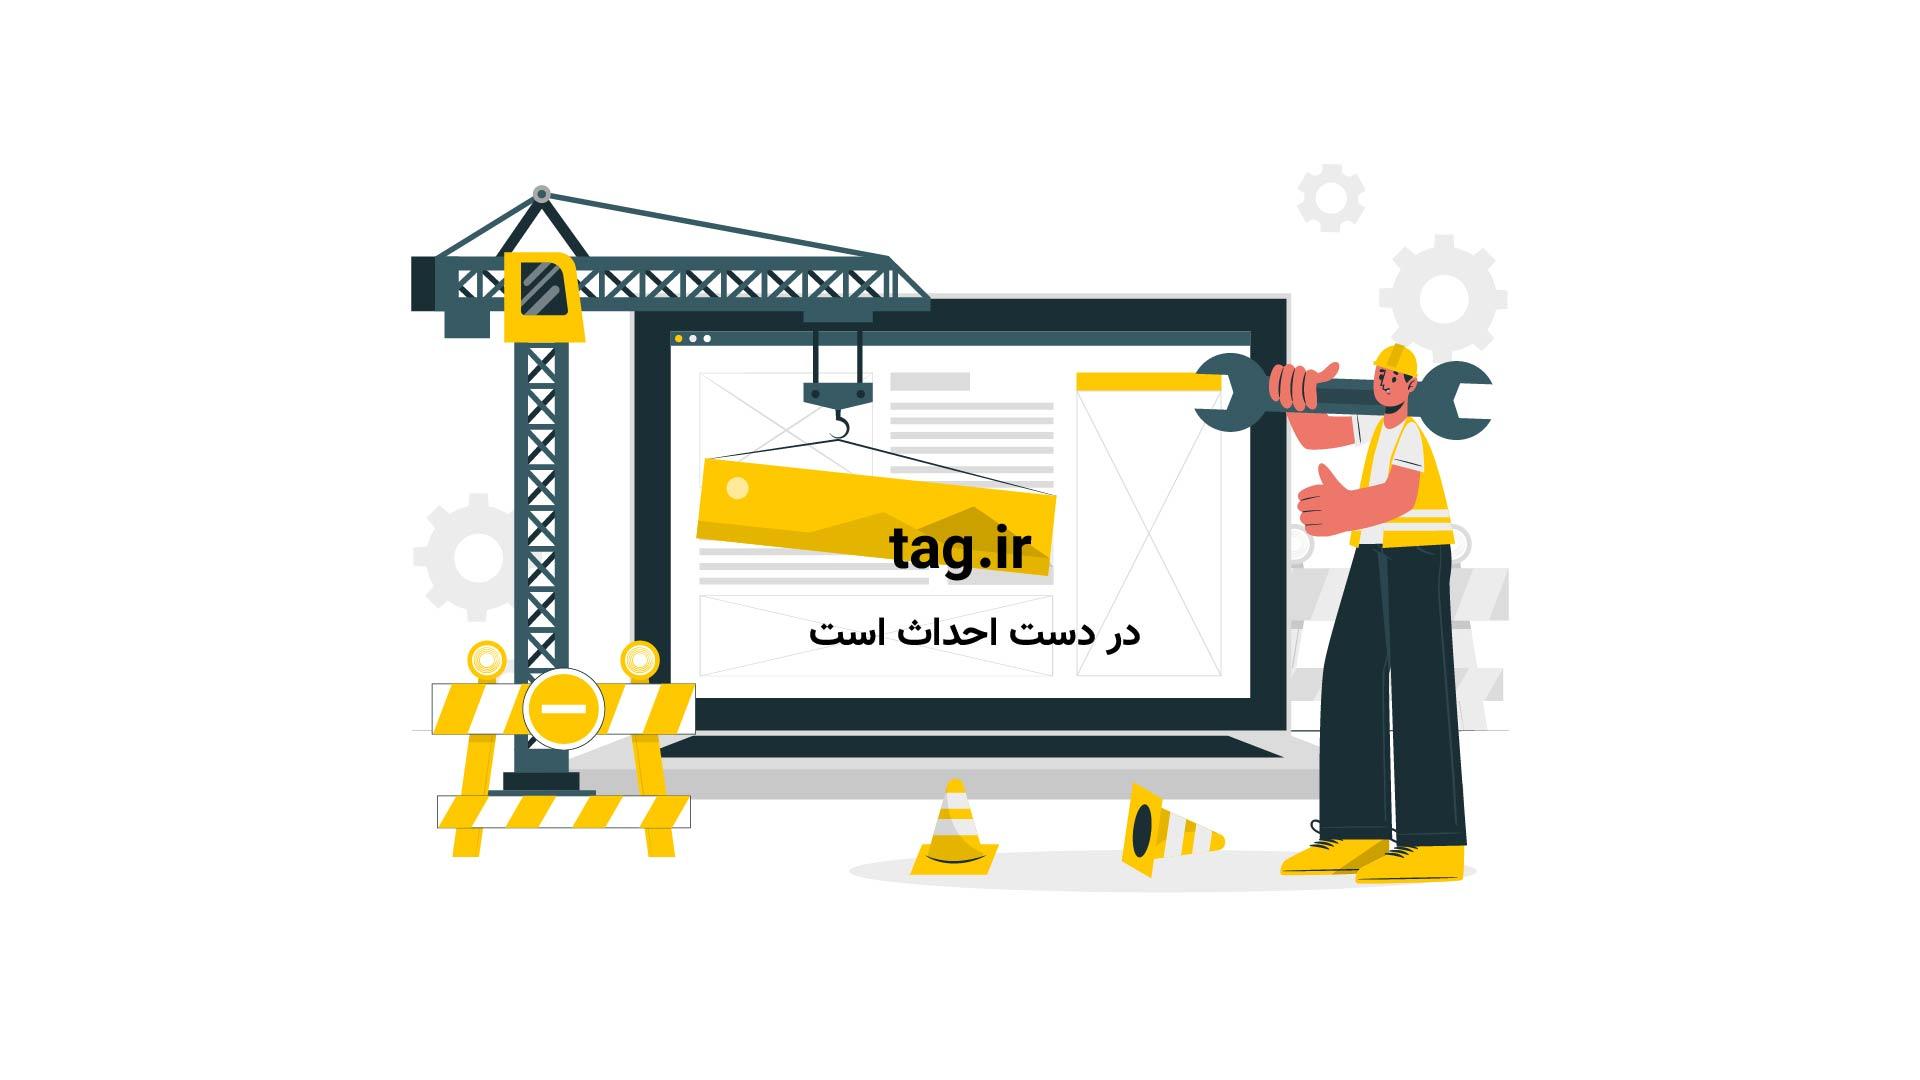 خلاصه بازی بسکتبال لس آنجلس لیکرز ۹۷ – ۱۰۷ بروکلین نتز | فیلم